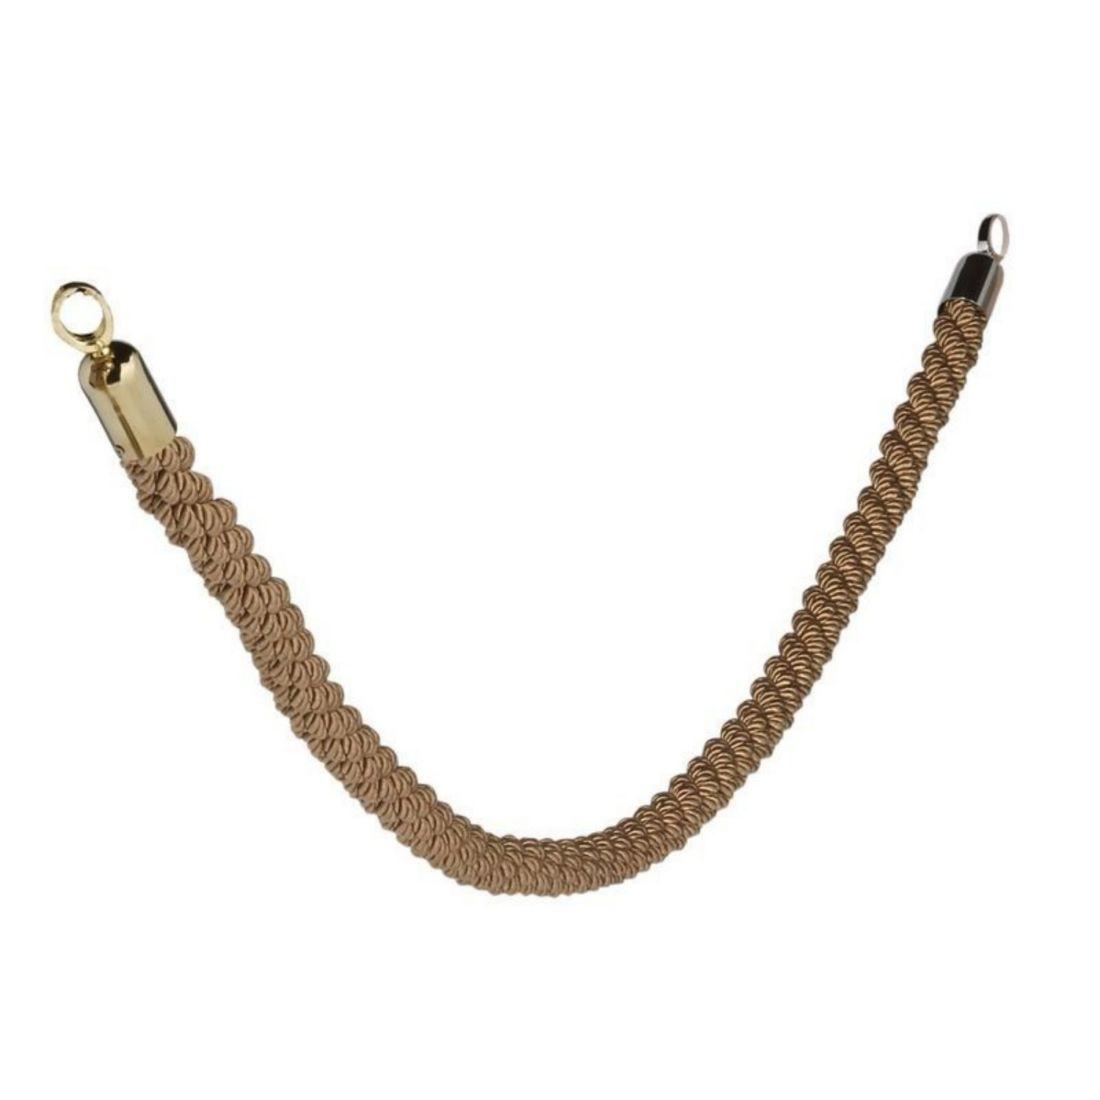 Provaz pletený 150 cm zlatý